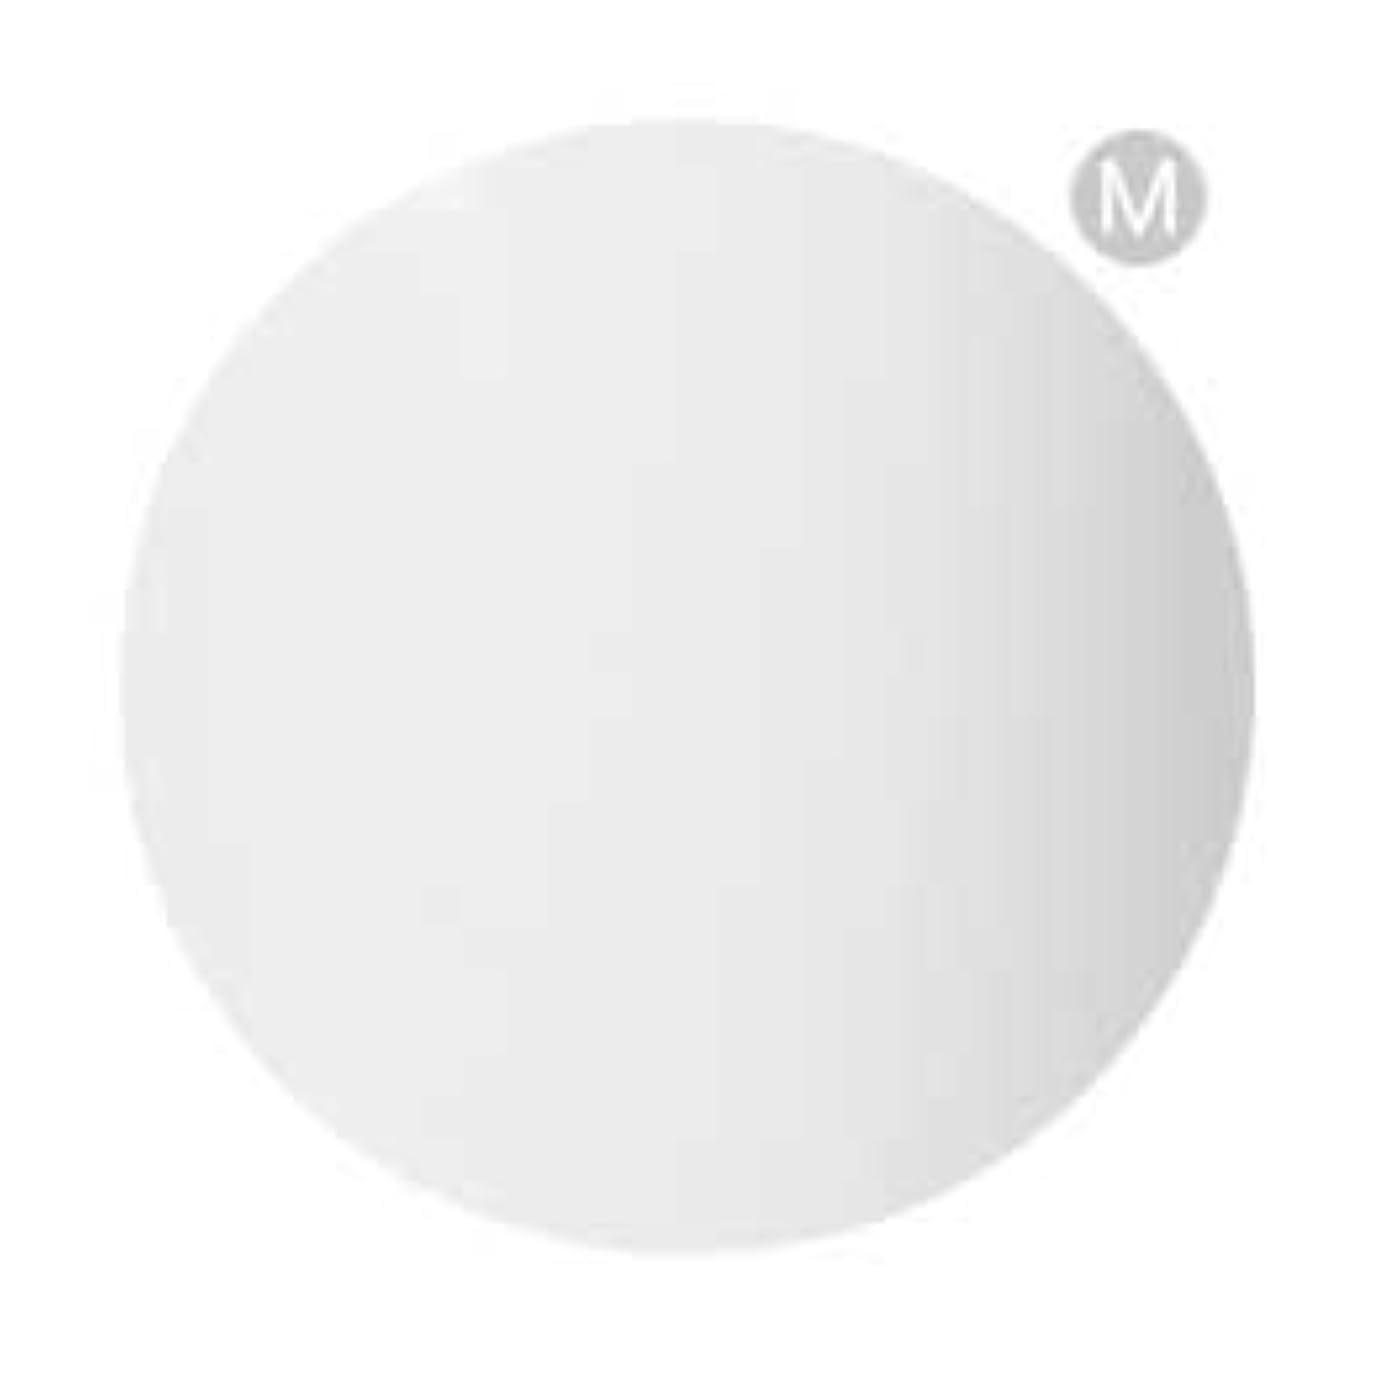 トレード夜明け感じPalms Graceful カラージェル 3g 045 ミルキーホワイト